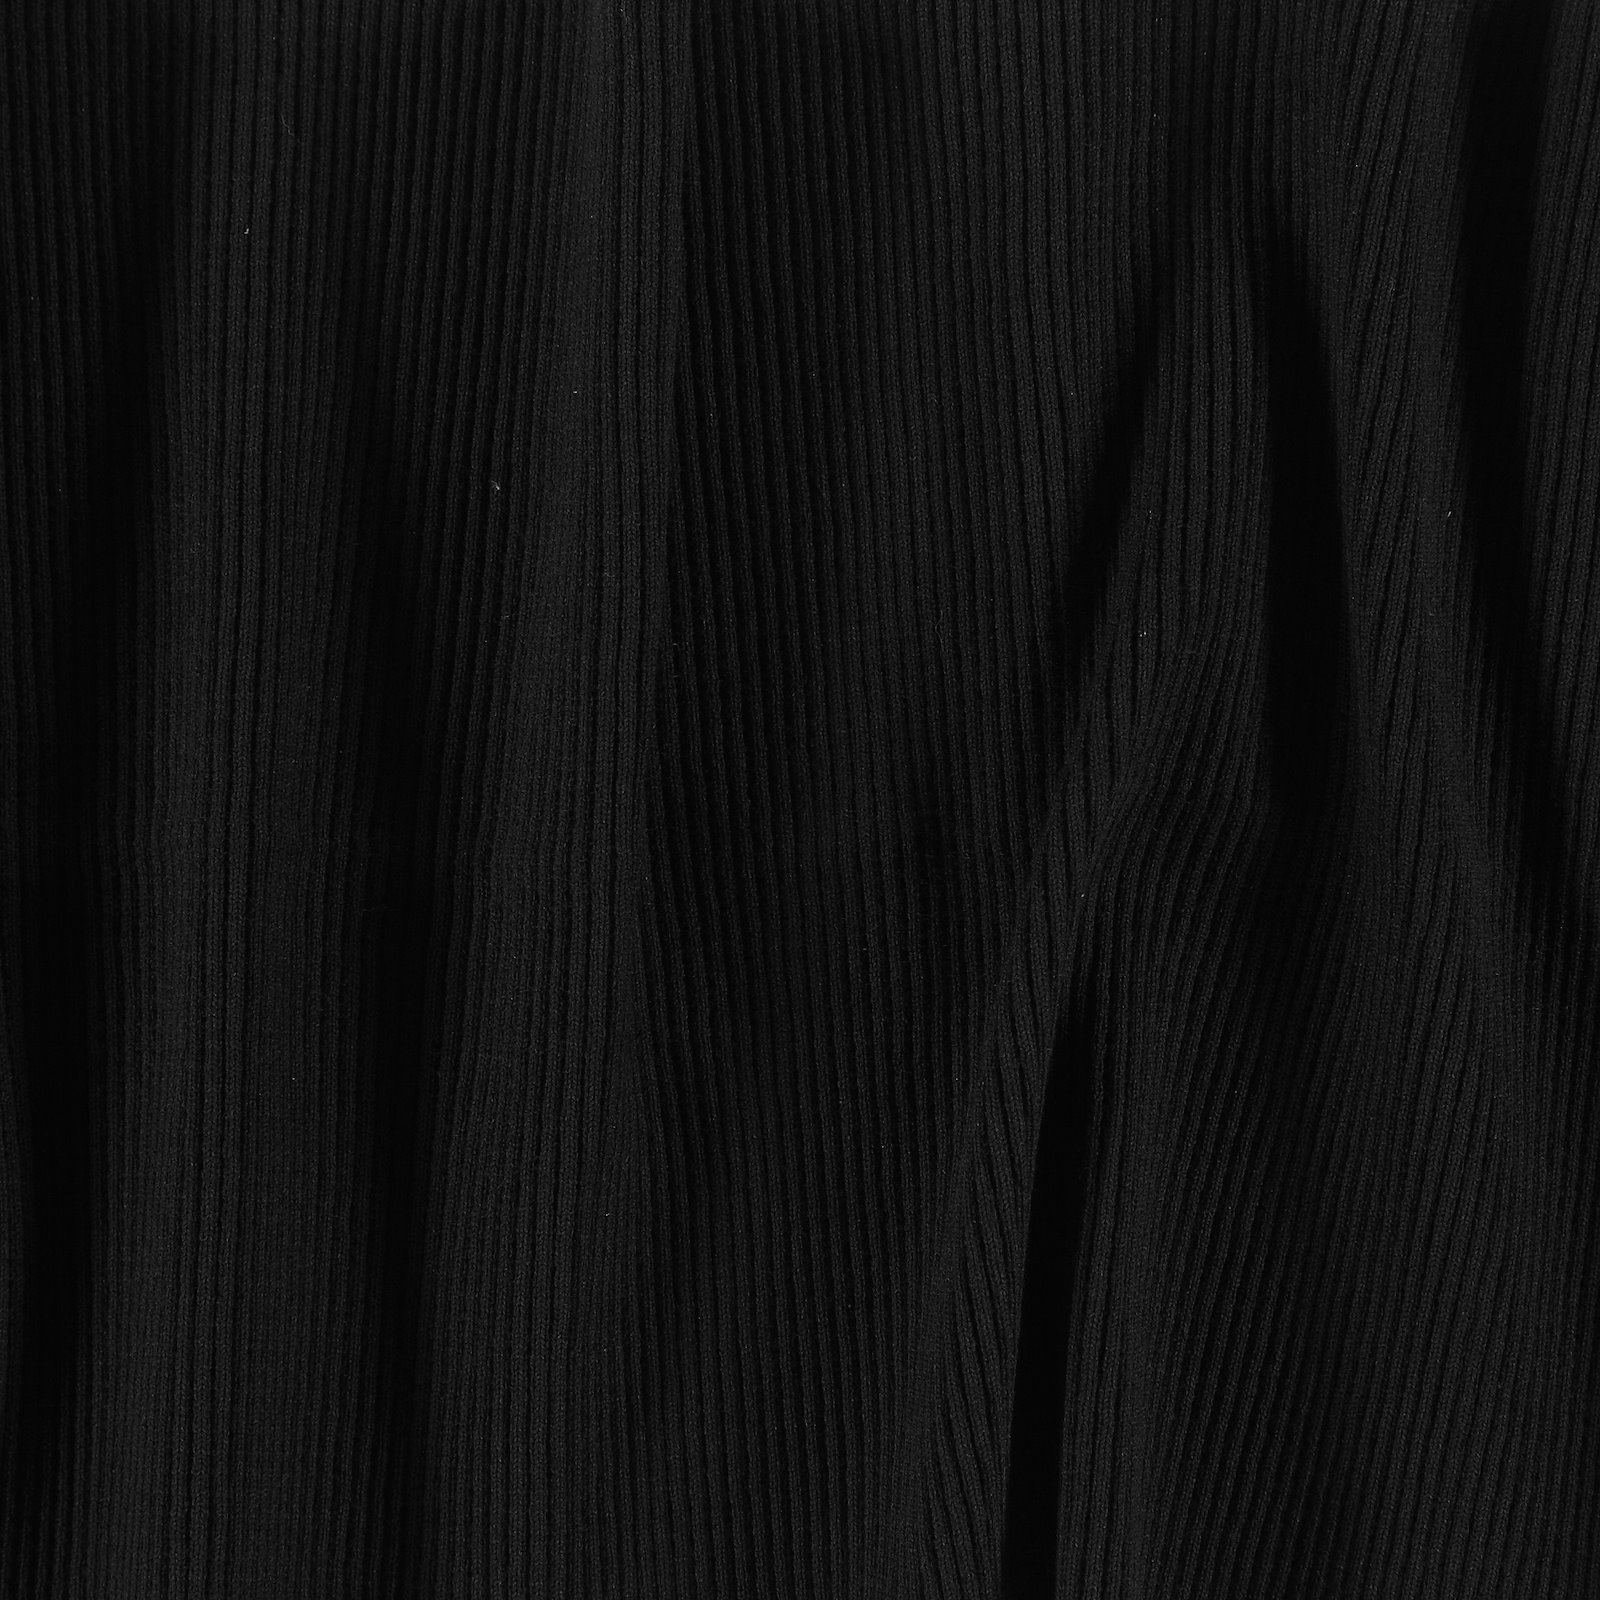 Rib-Jersey 2x2, 30x100cm Schwarz, 1 St.